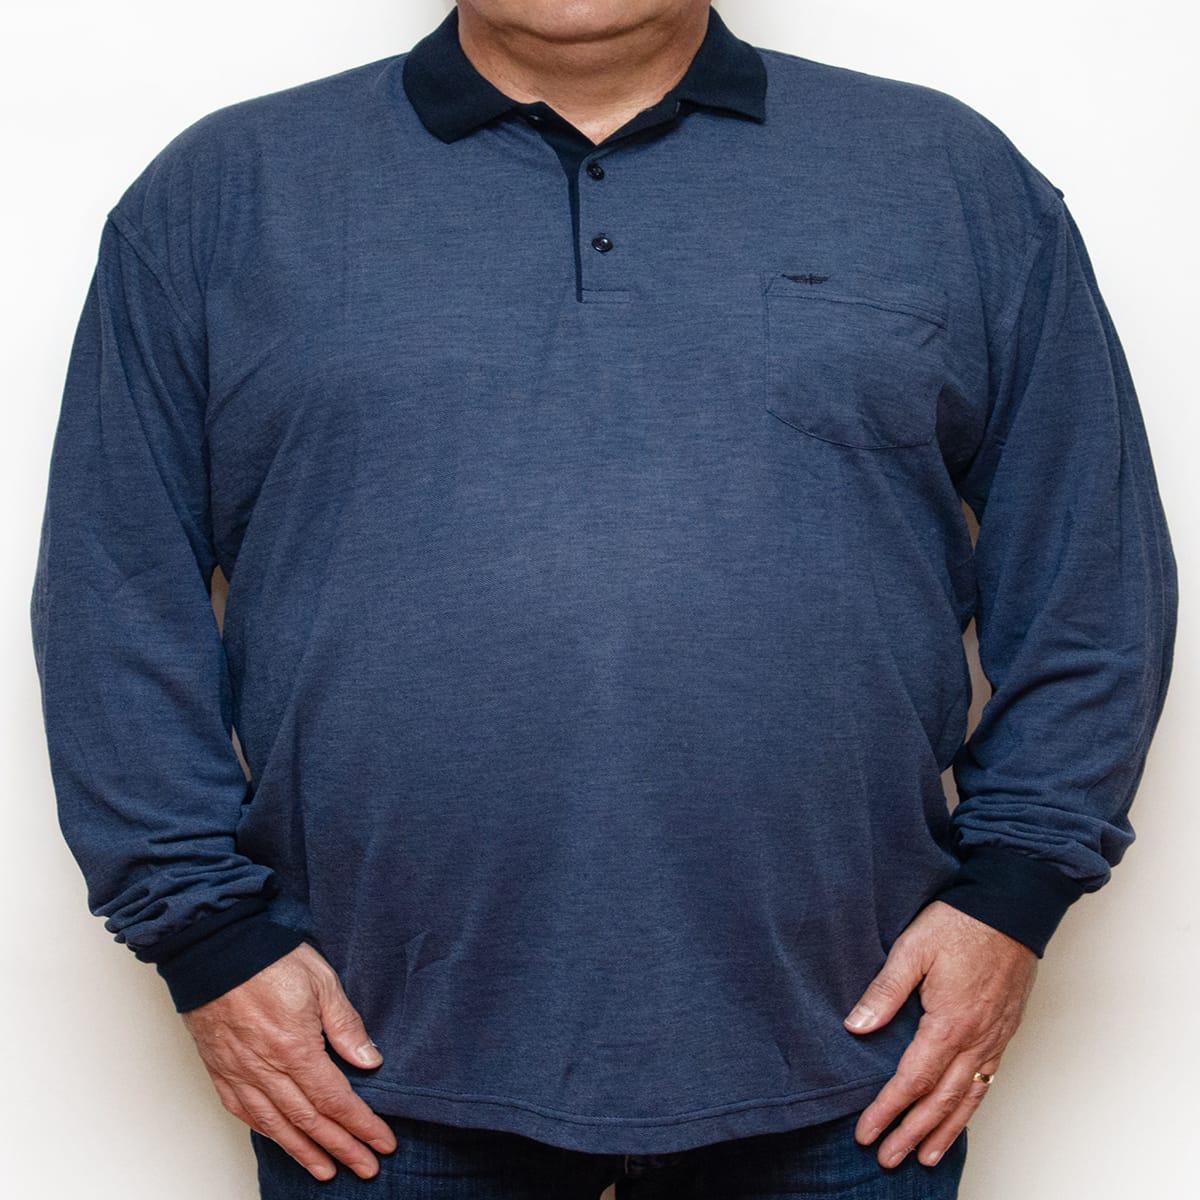 Bluza subtire bleumarin cu insertii albastre si cu guler , Marime 6XL - egato.ro